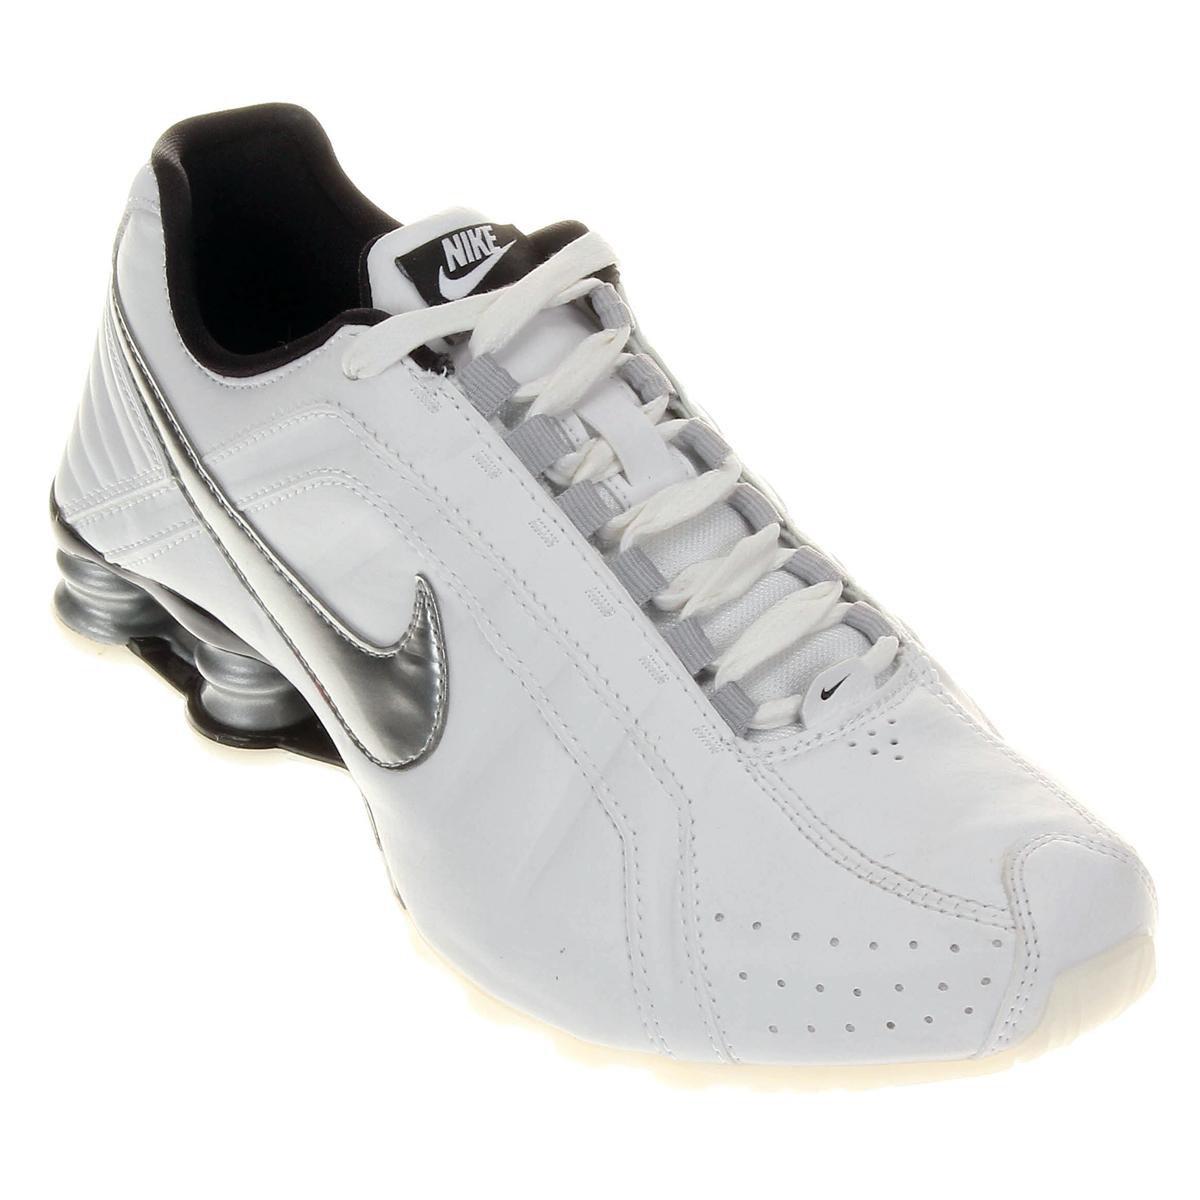 775c3d87753 ... free shipping o produto tênis nike shox junior prata e branco acabou.  ce6da 17fbd